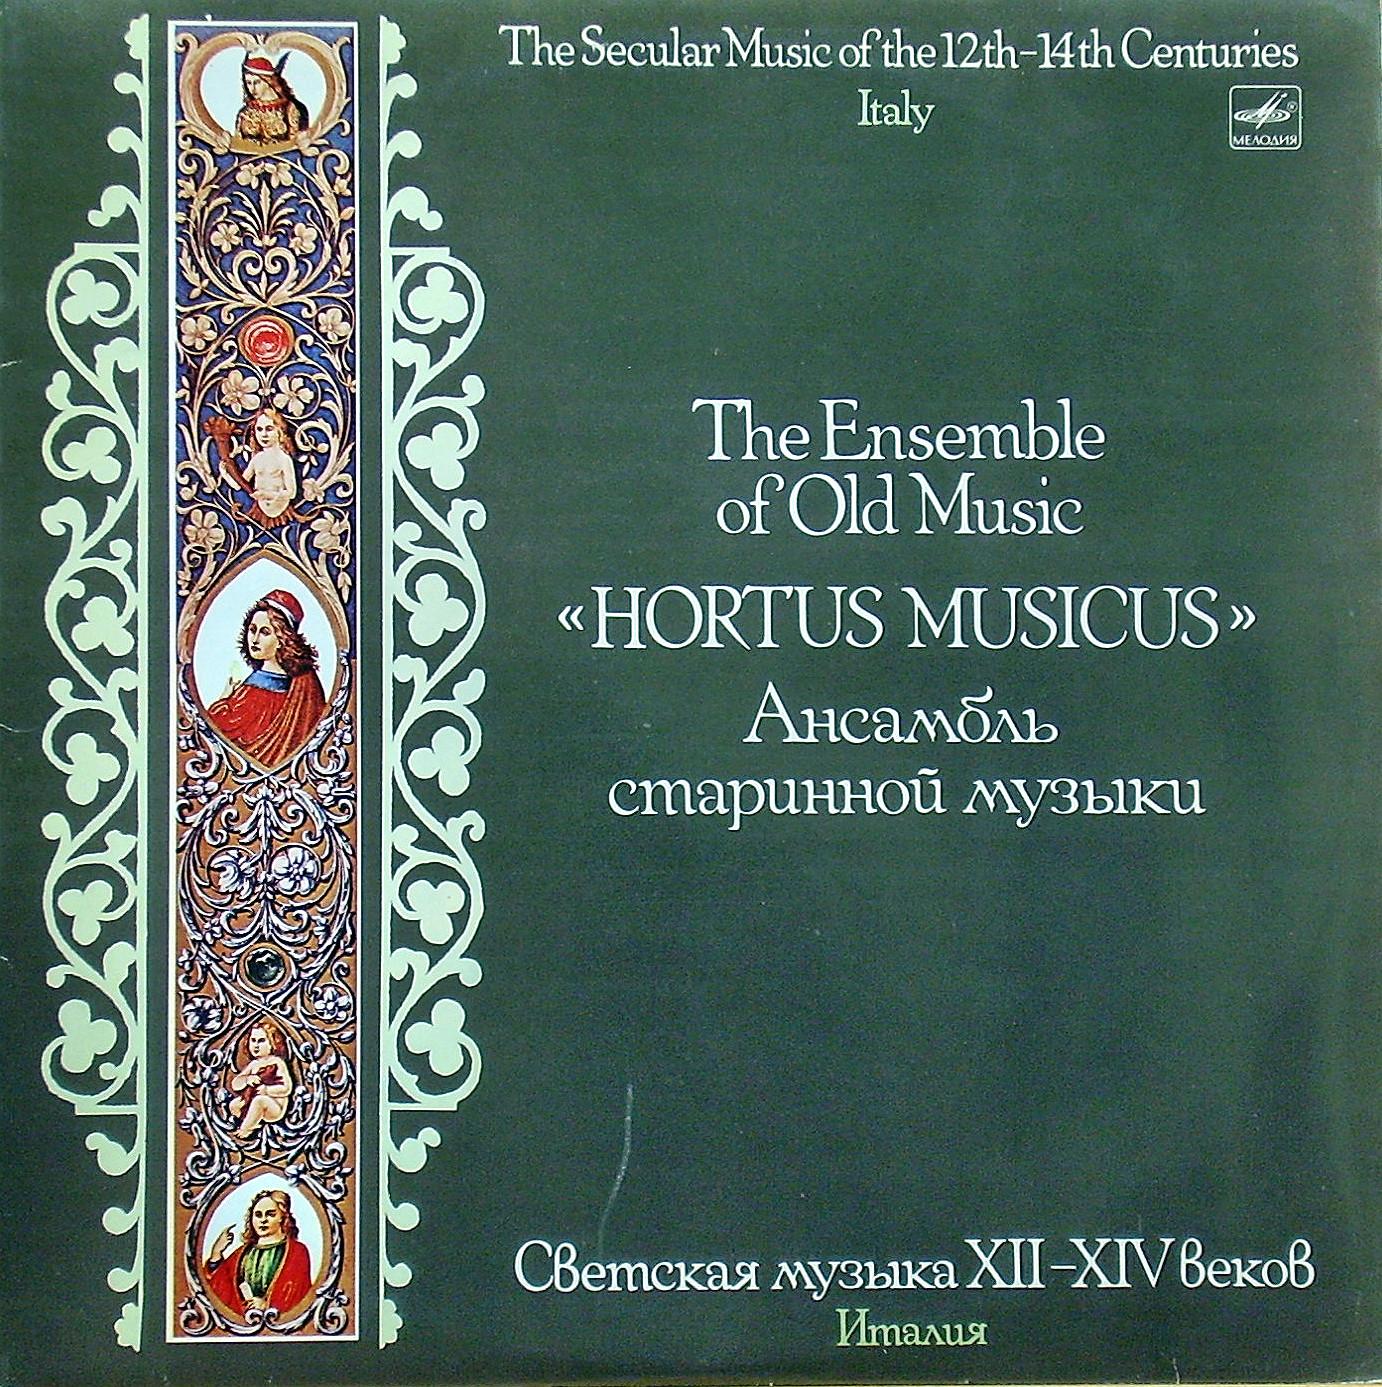 КОН-1981(79) H.MUSICUS